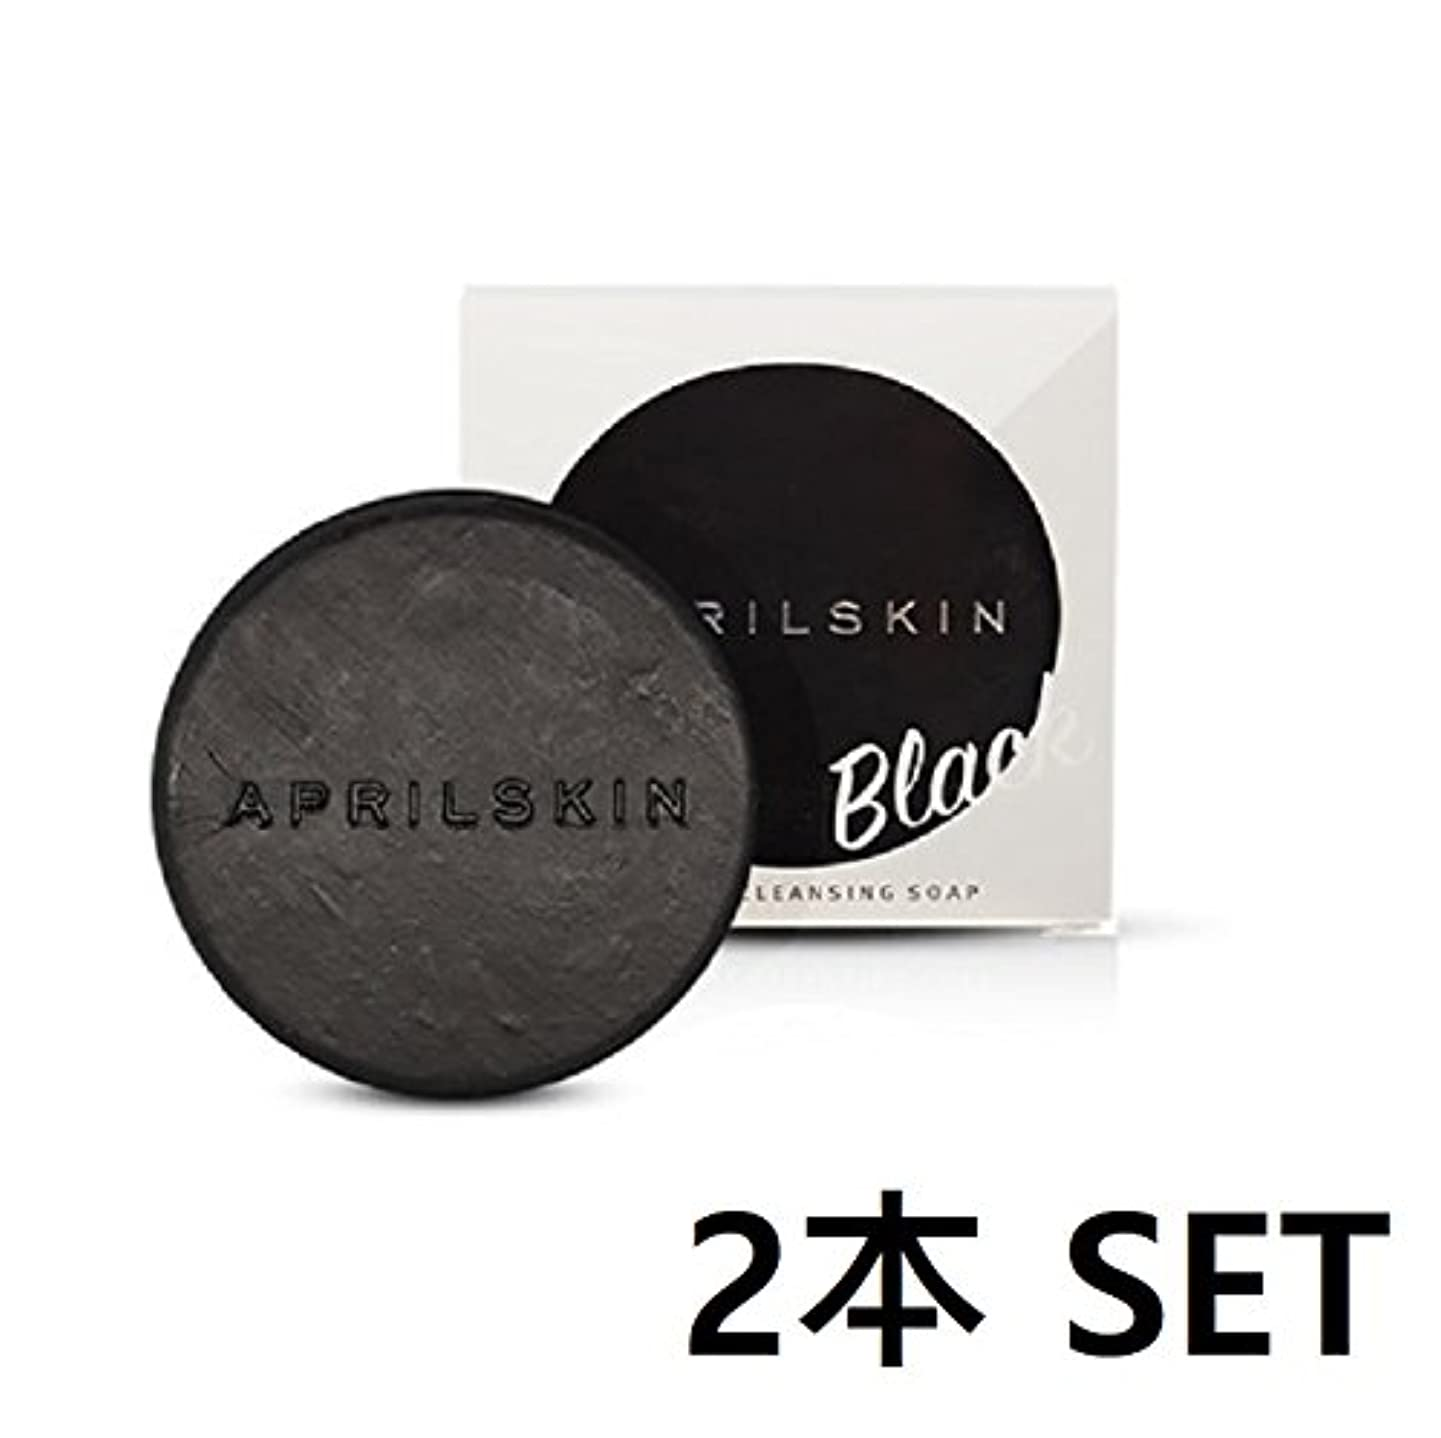 内部合理化追う[APRILSKIN] エイプリルスキン国民石鹸 BLACK X 2pcs SET(APRIL SKIN magic stone マジックストーンのリニューアルバージョン新発売) (BLACK) [並行輸入品]